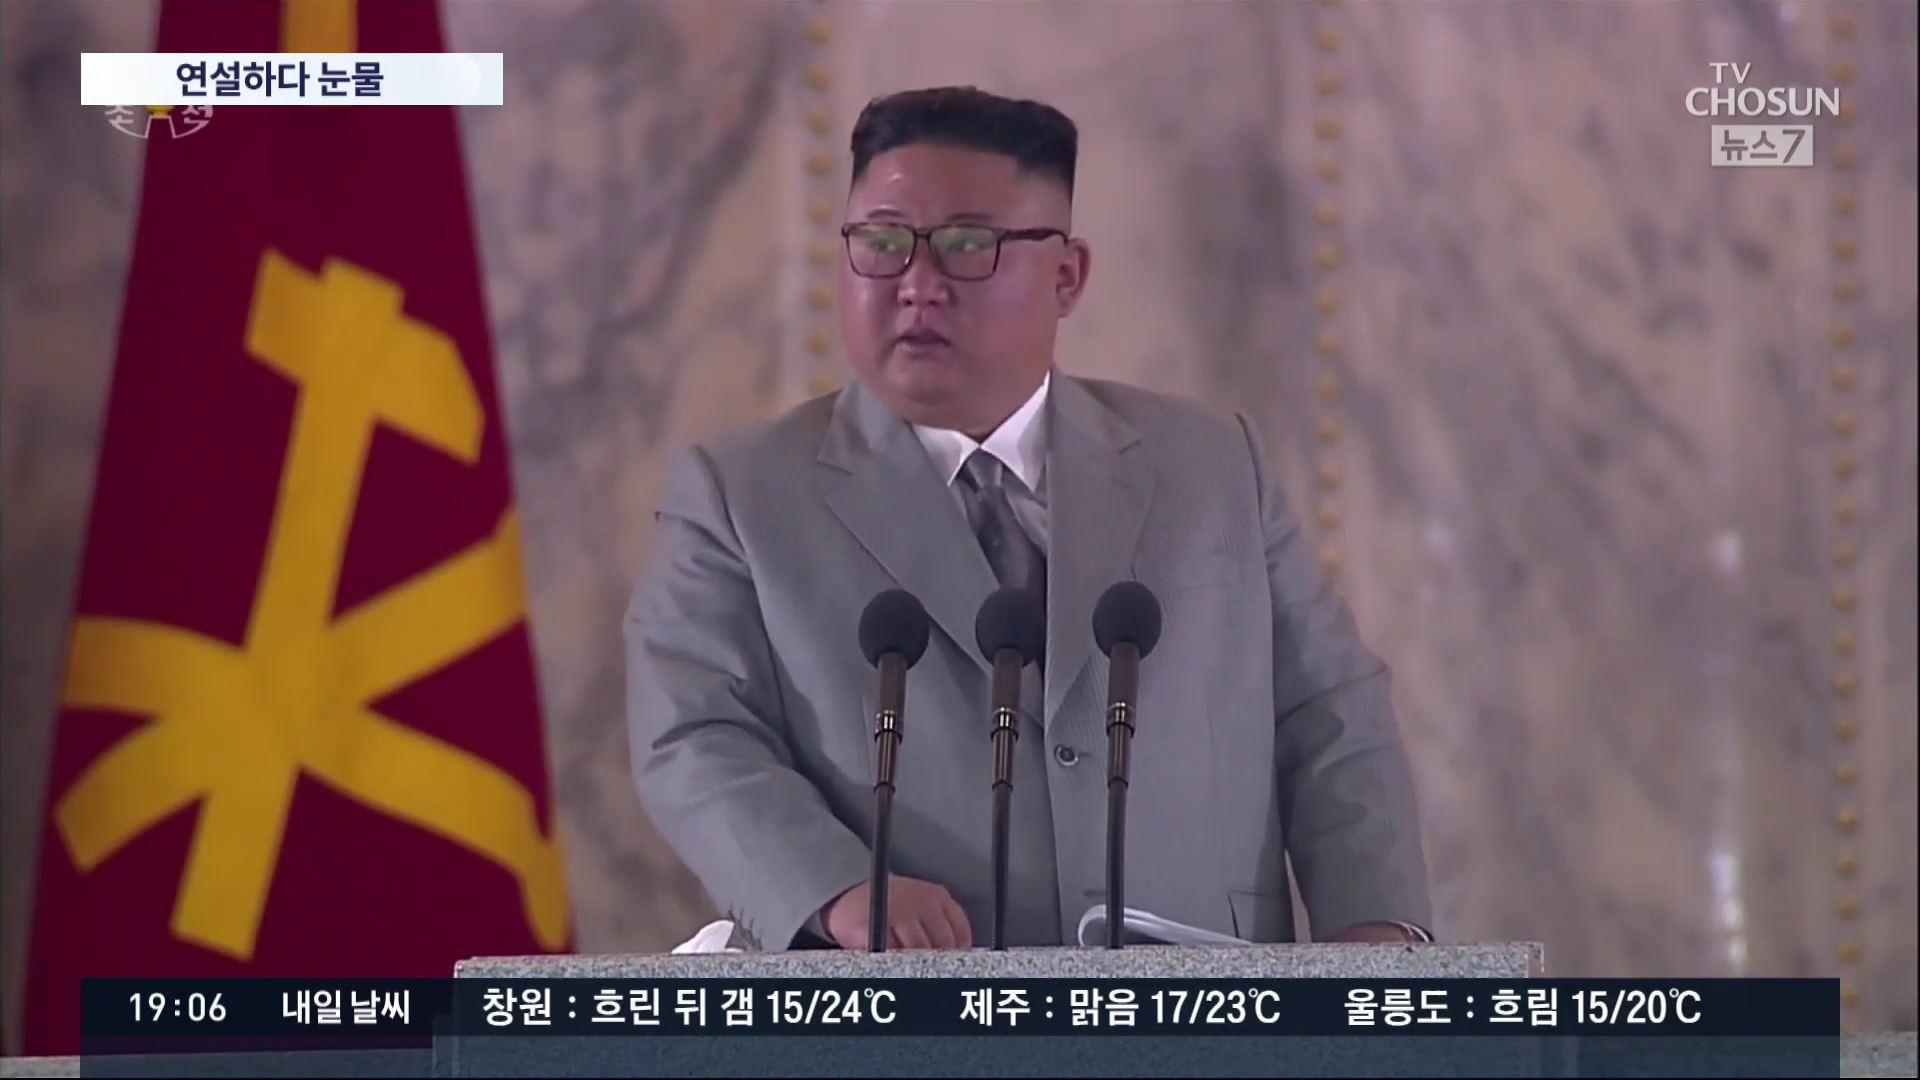 김정은 '인민에 미안, 고맙다'…열병식 연설 중 '울먹'